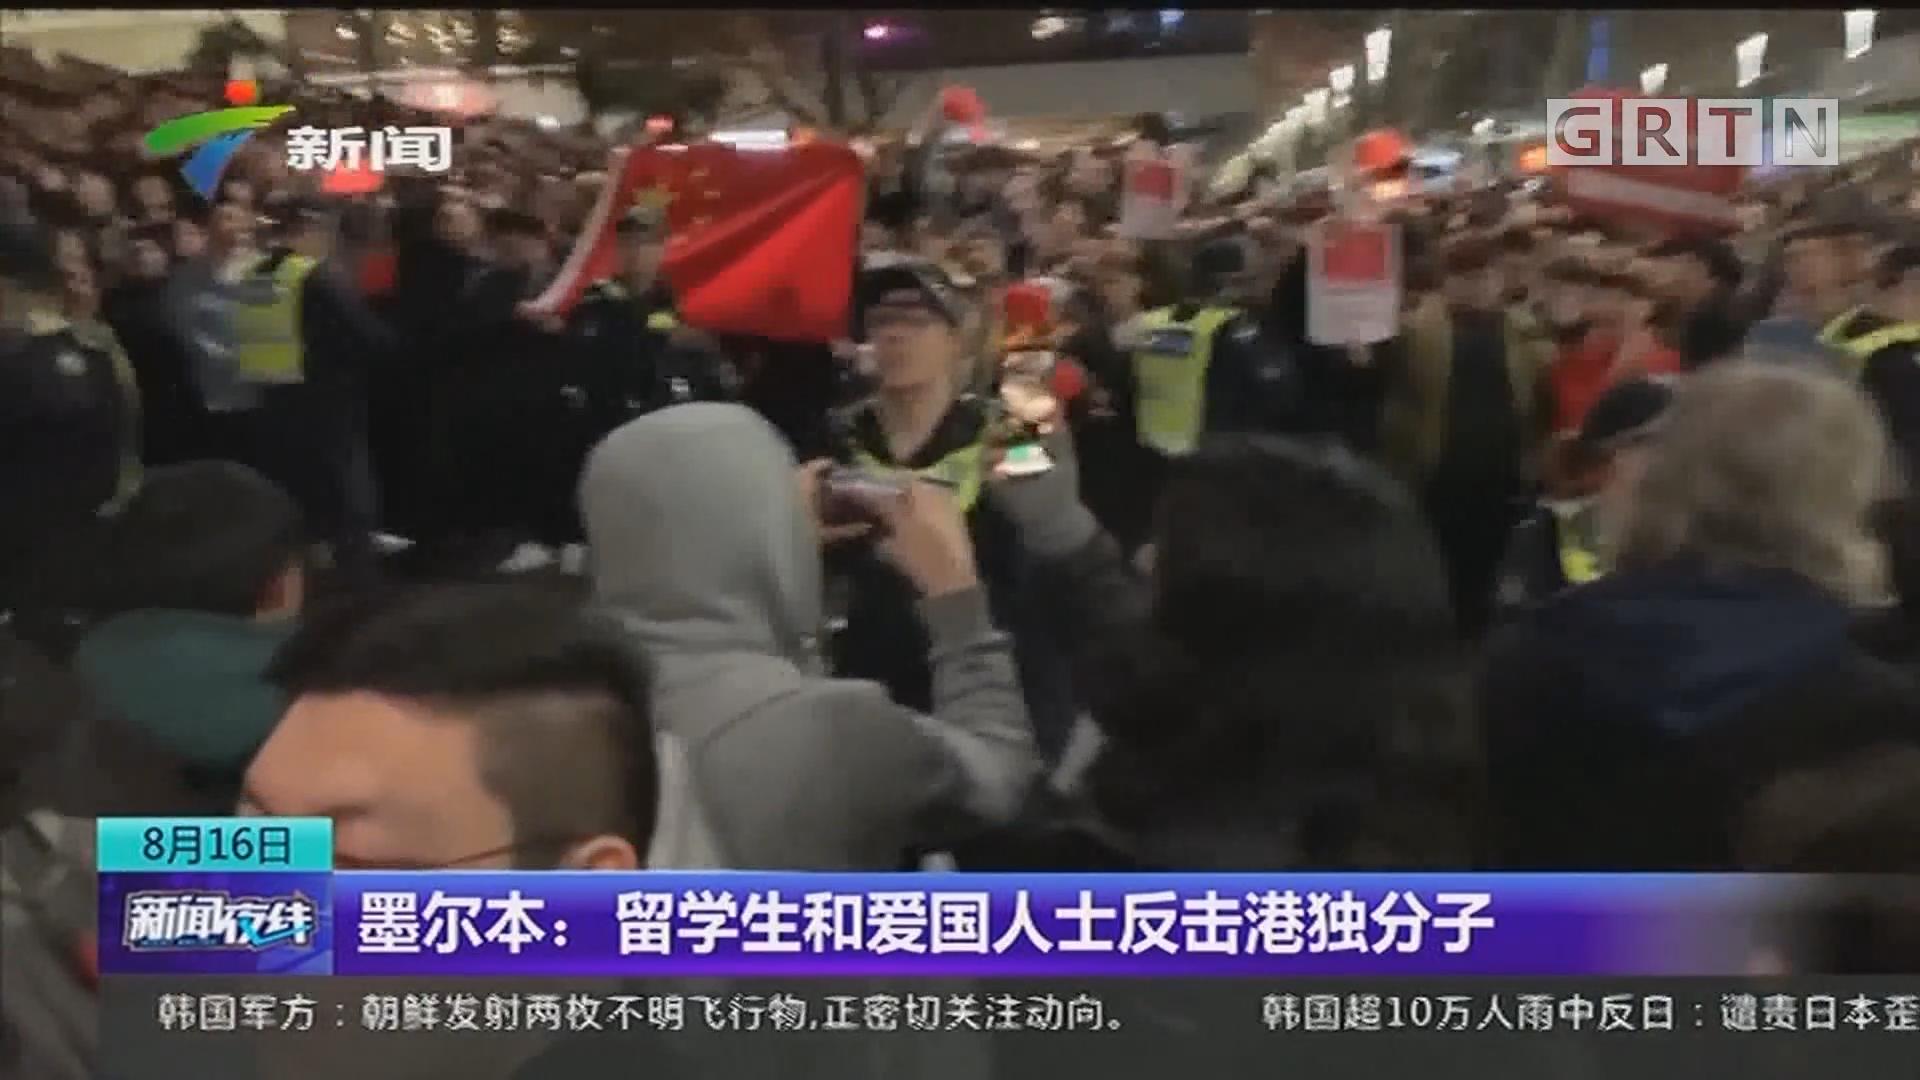 墨尔本:留学生和爱国人士反击港独分子